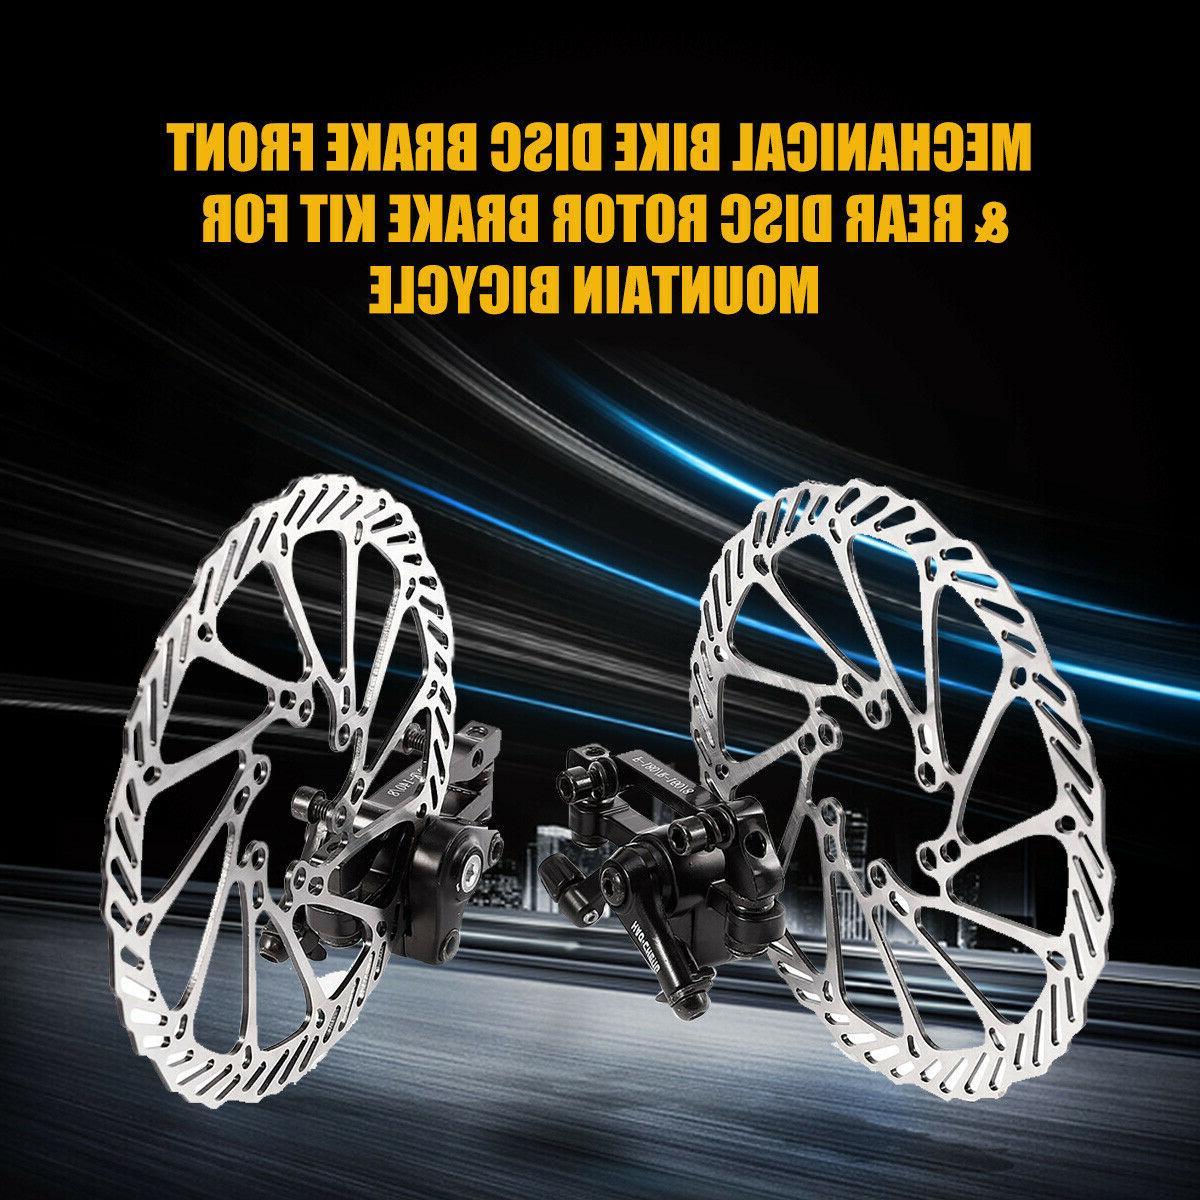 Bike Disc Brake & Rear mm Rotor Kit for